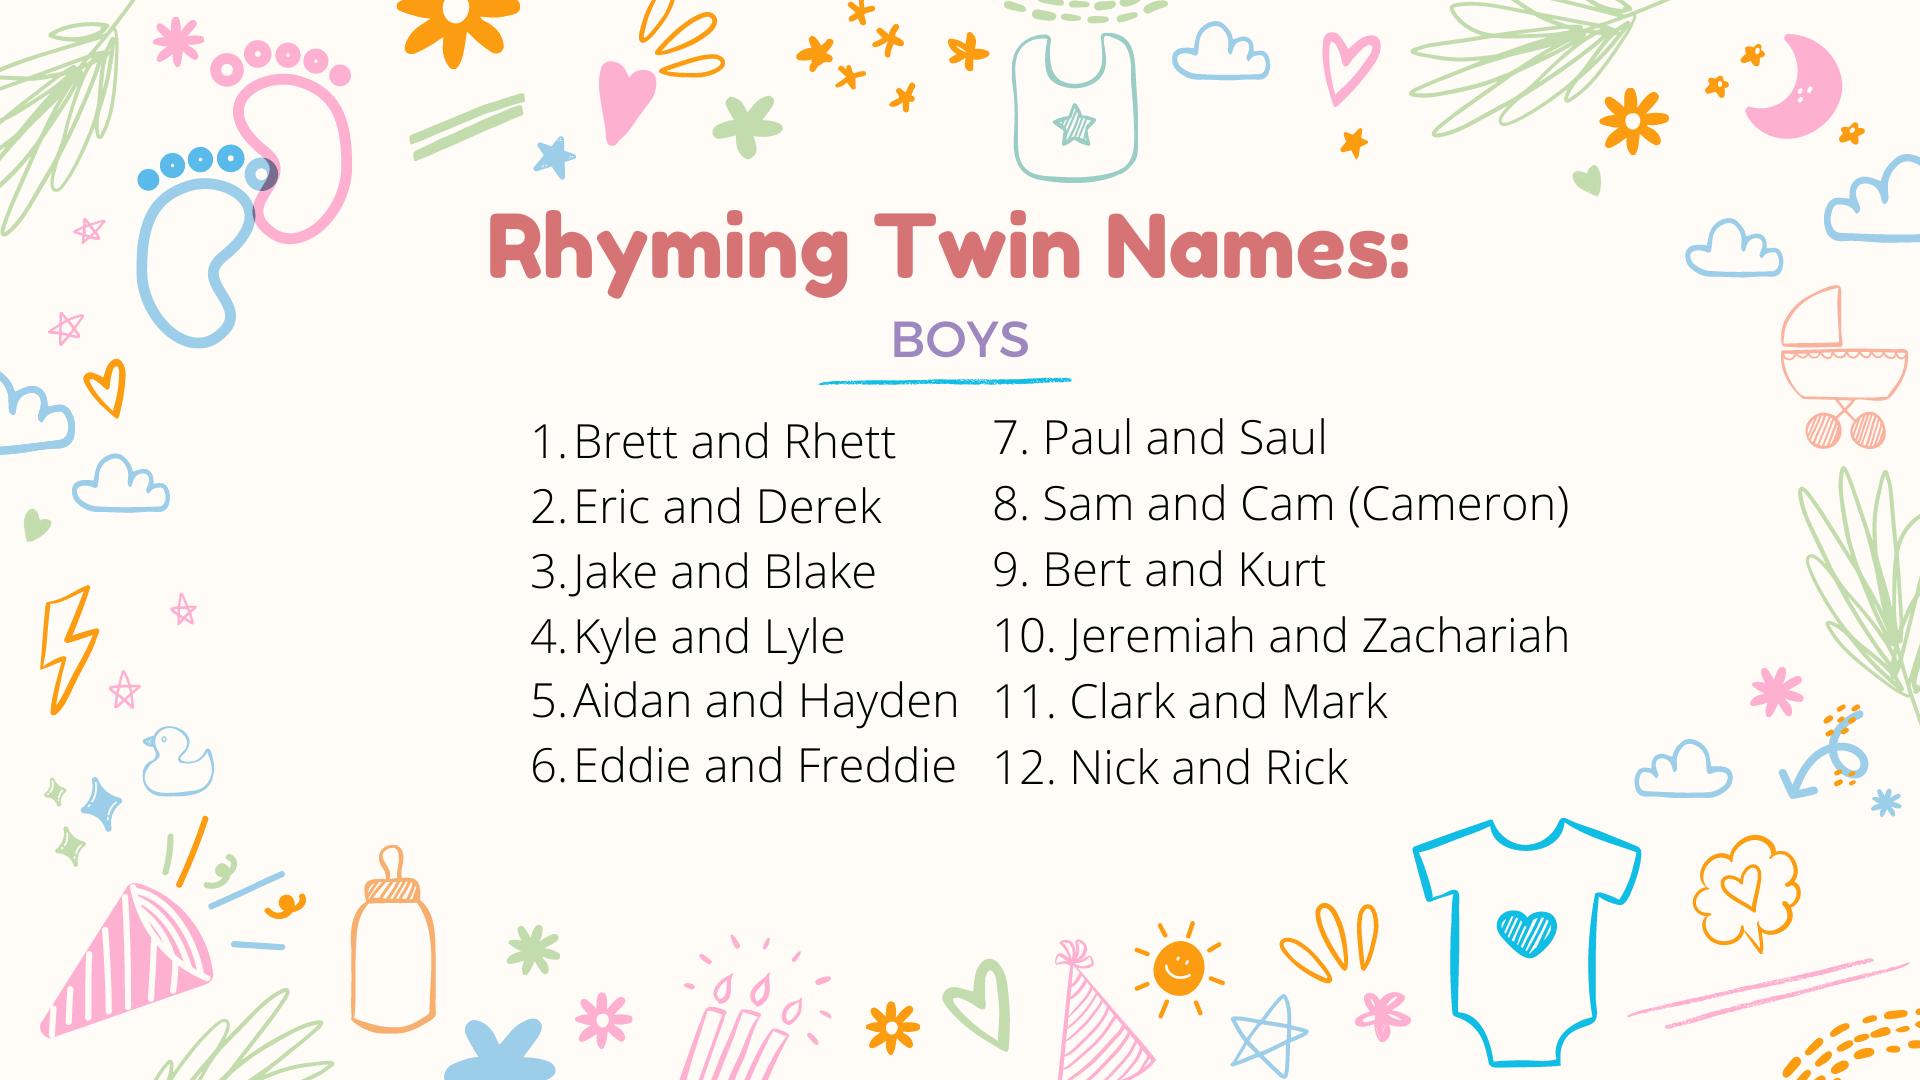 noms de jumeaux garçons qui riment